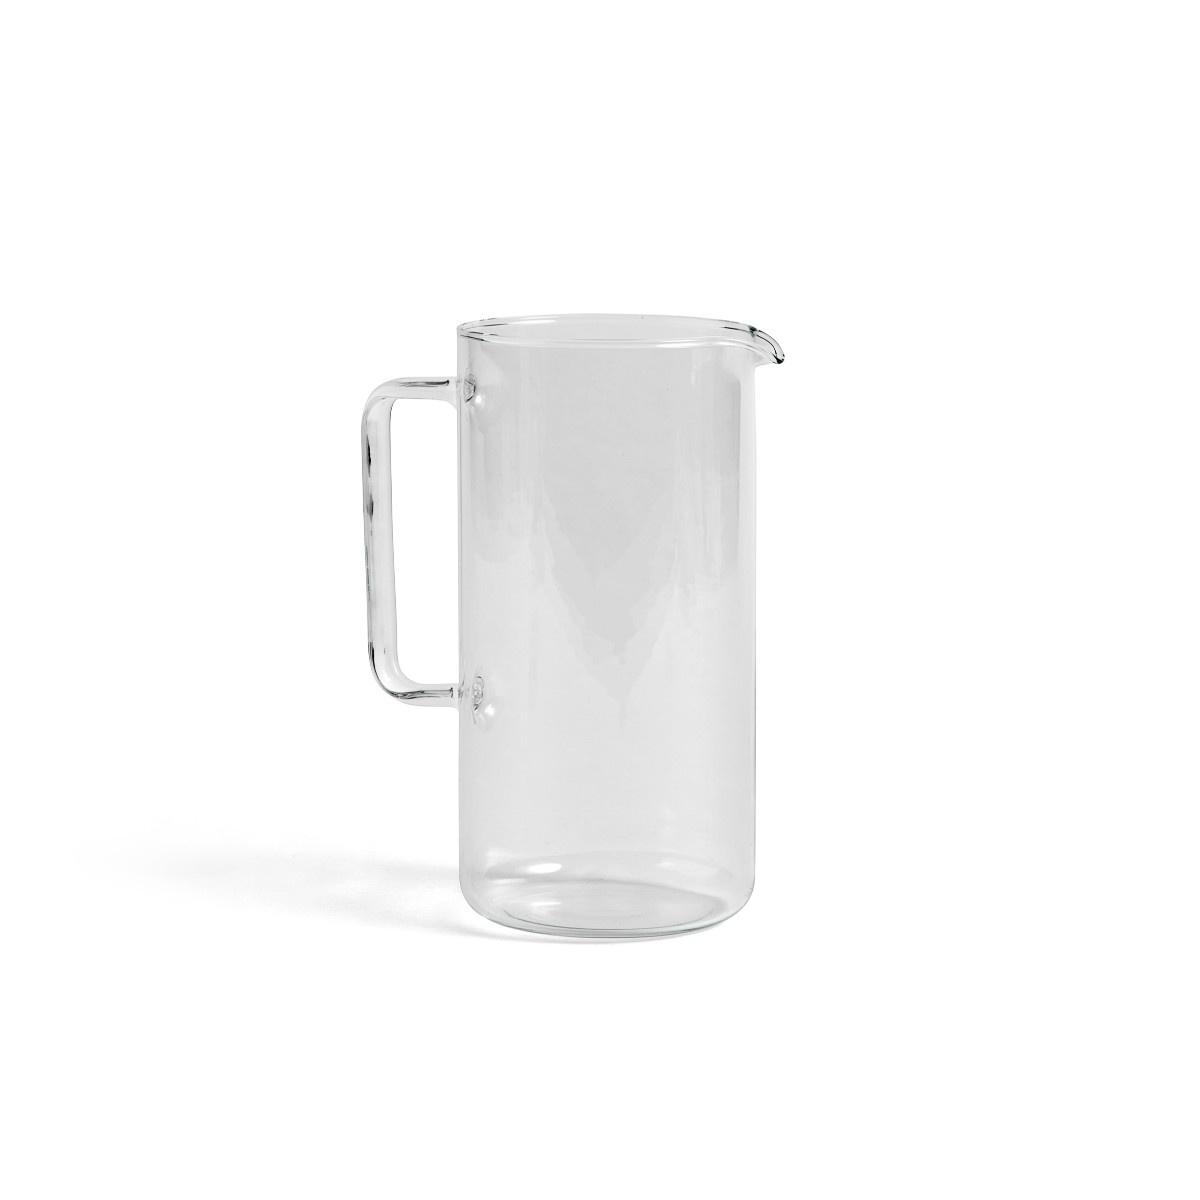 HAY glaskande, large, 2 liter, clear